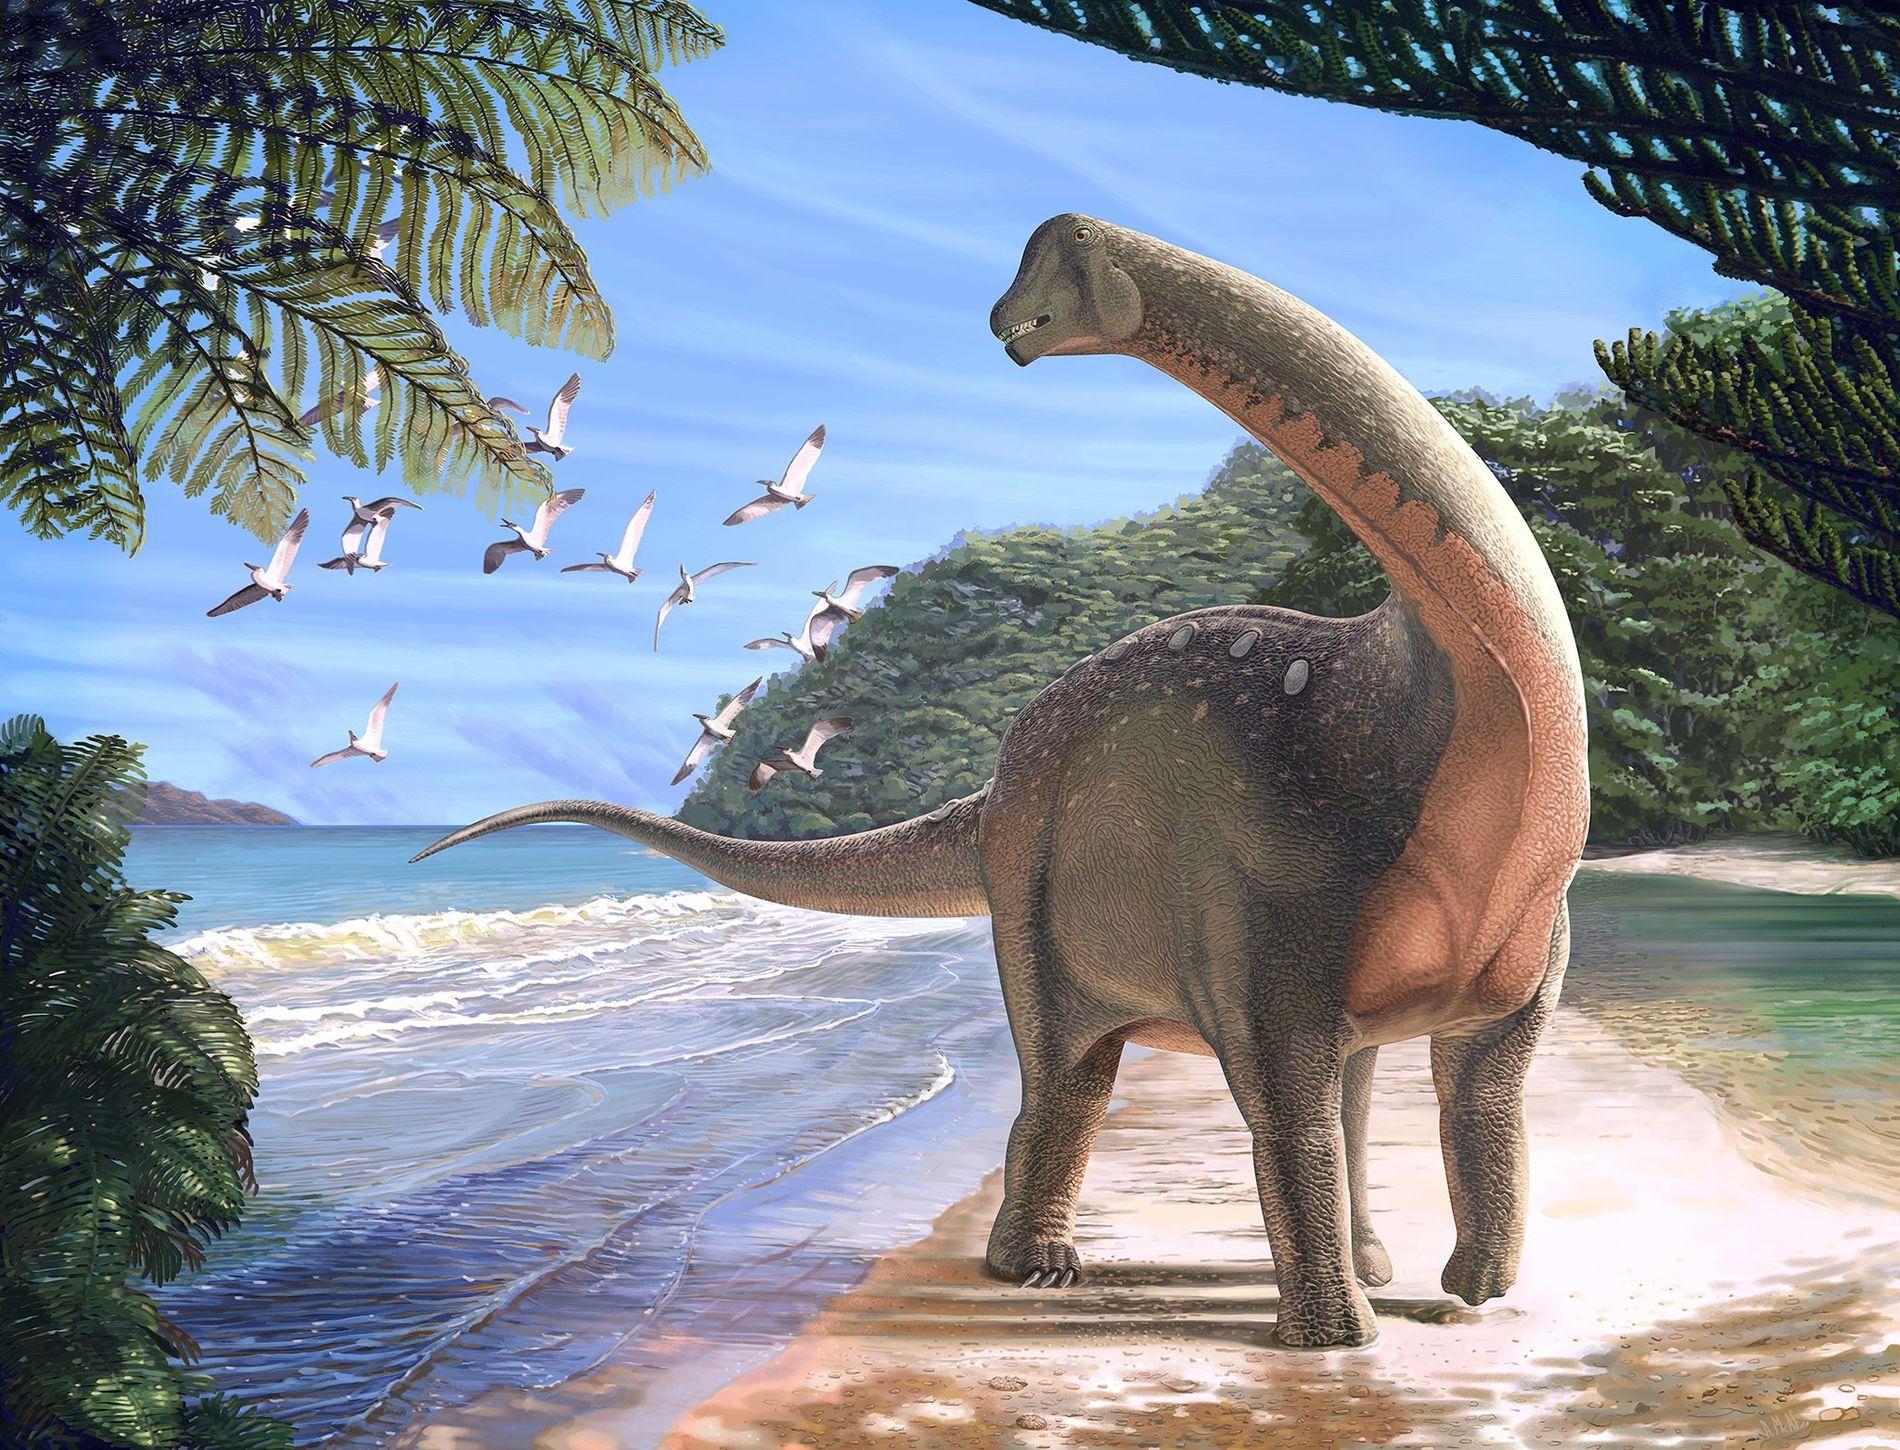 El nuevo dinosaurio titanosaurio Mansourasaurus shahinae en una orilla del actual desierto occidental del Nilo hace casi 80 millones de años.